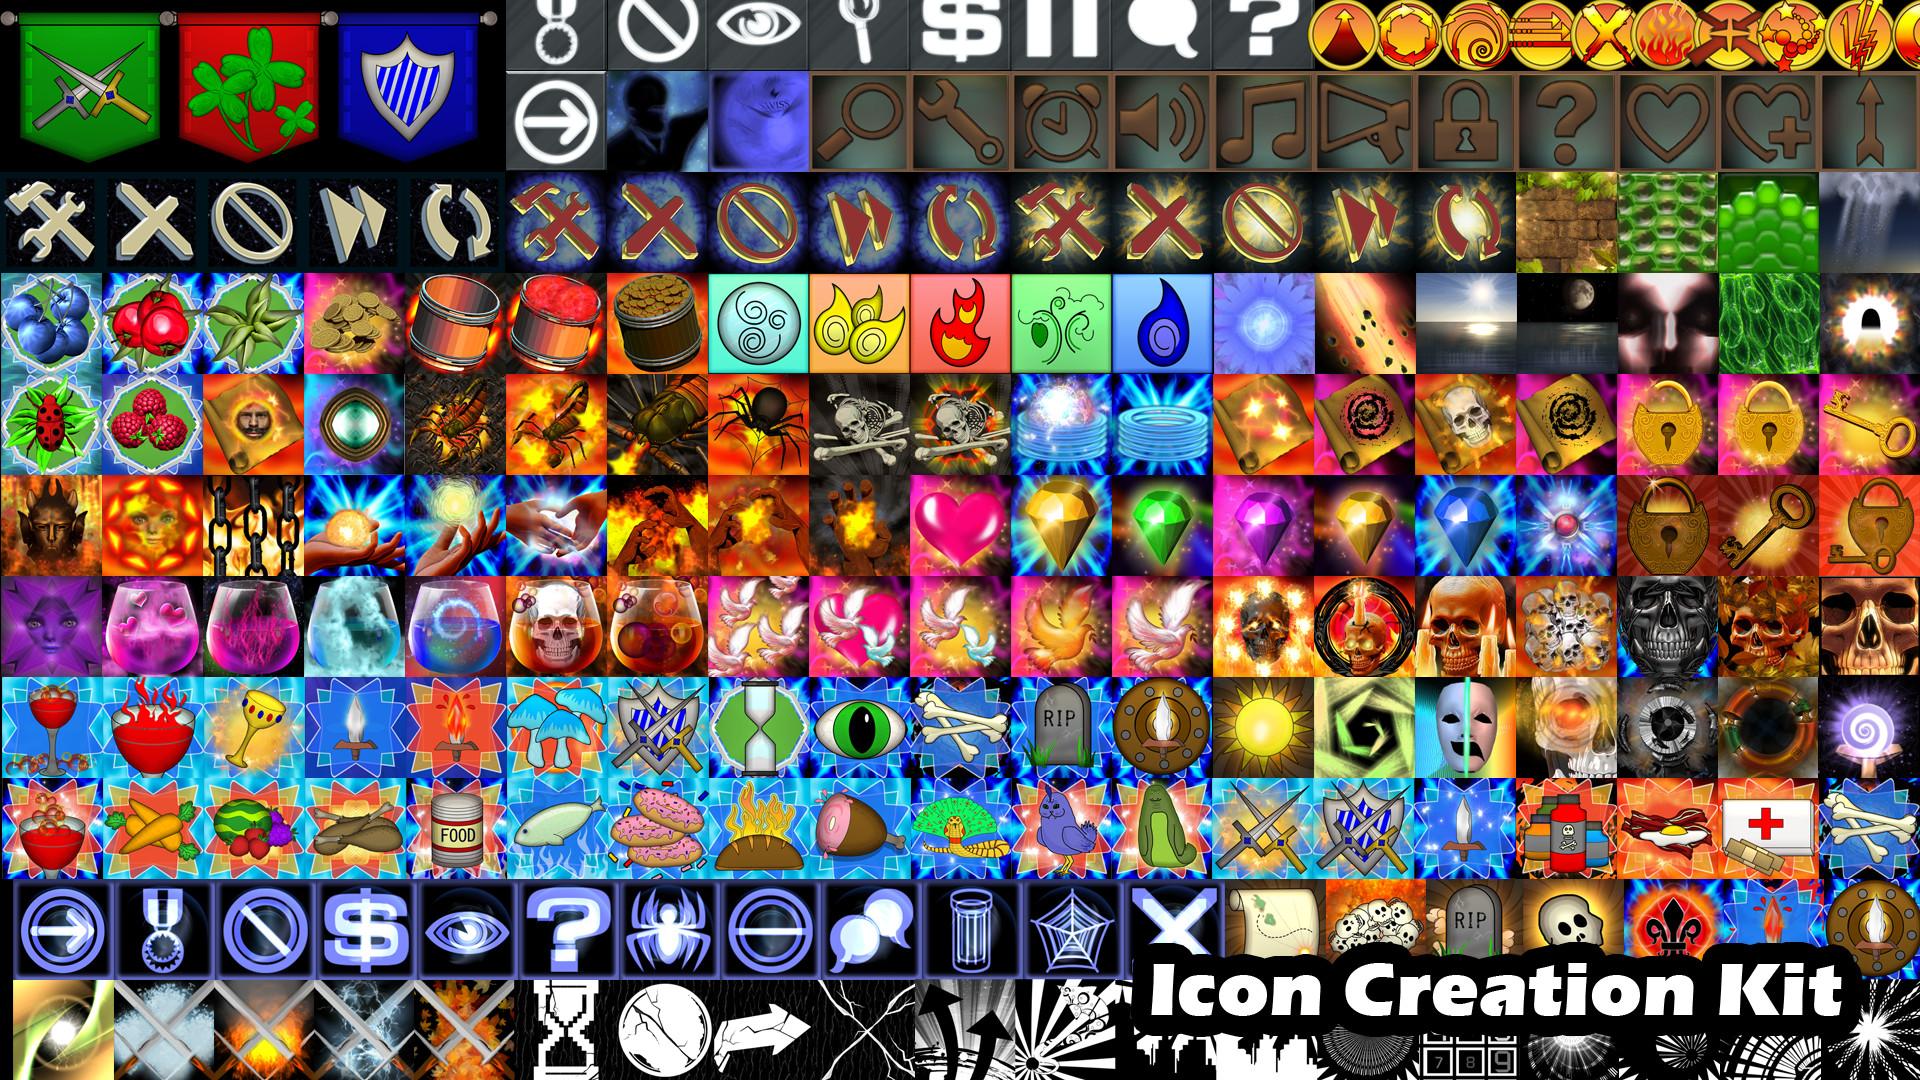 Indie Graphics Bundle - Royalty Free Sprites